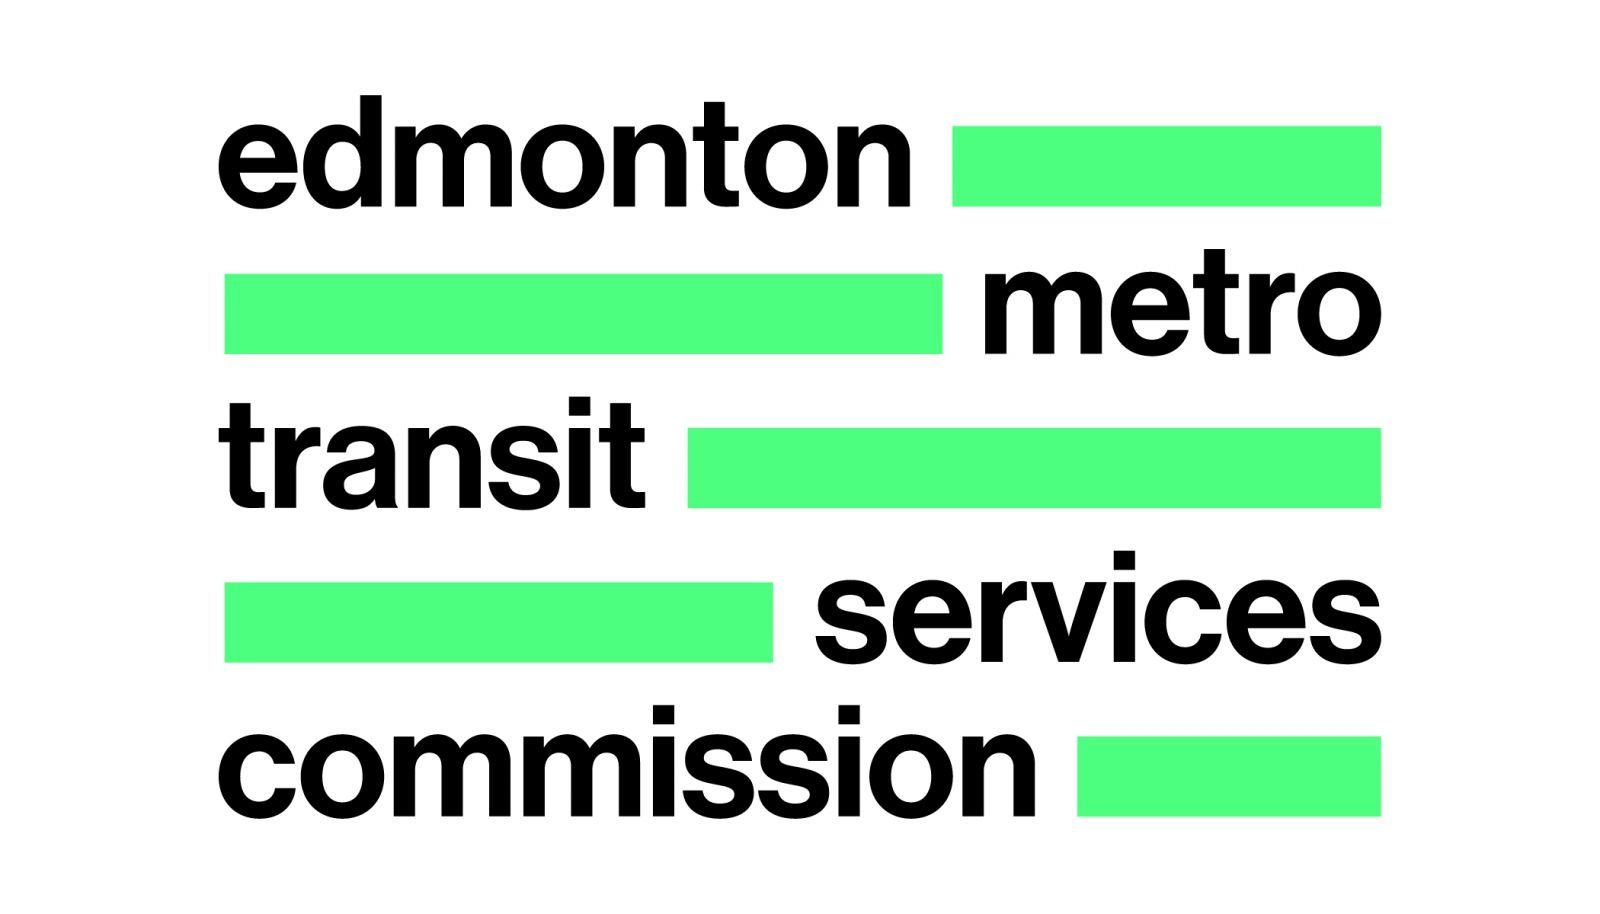 Edmonton Metropolitan Transit Services Commission (Association)